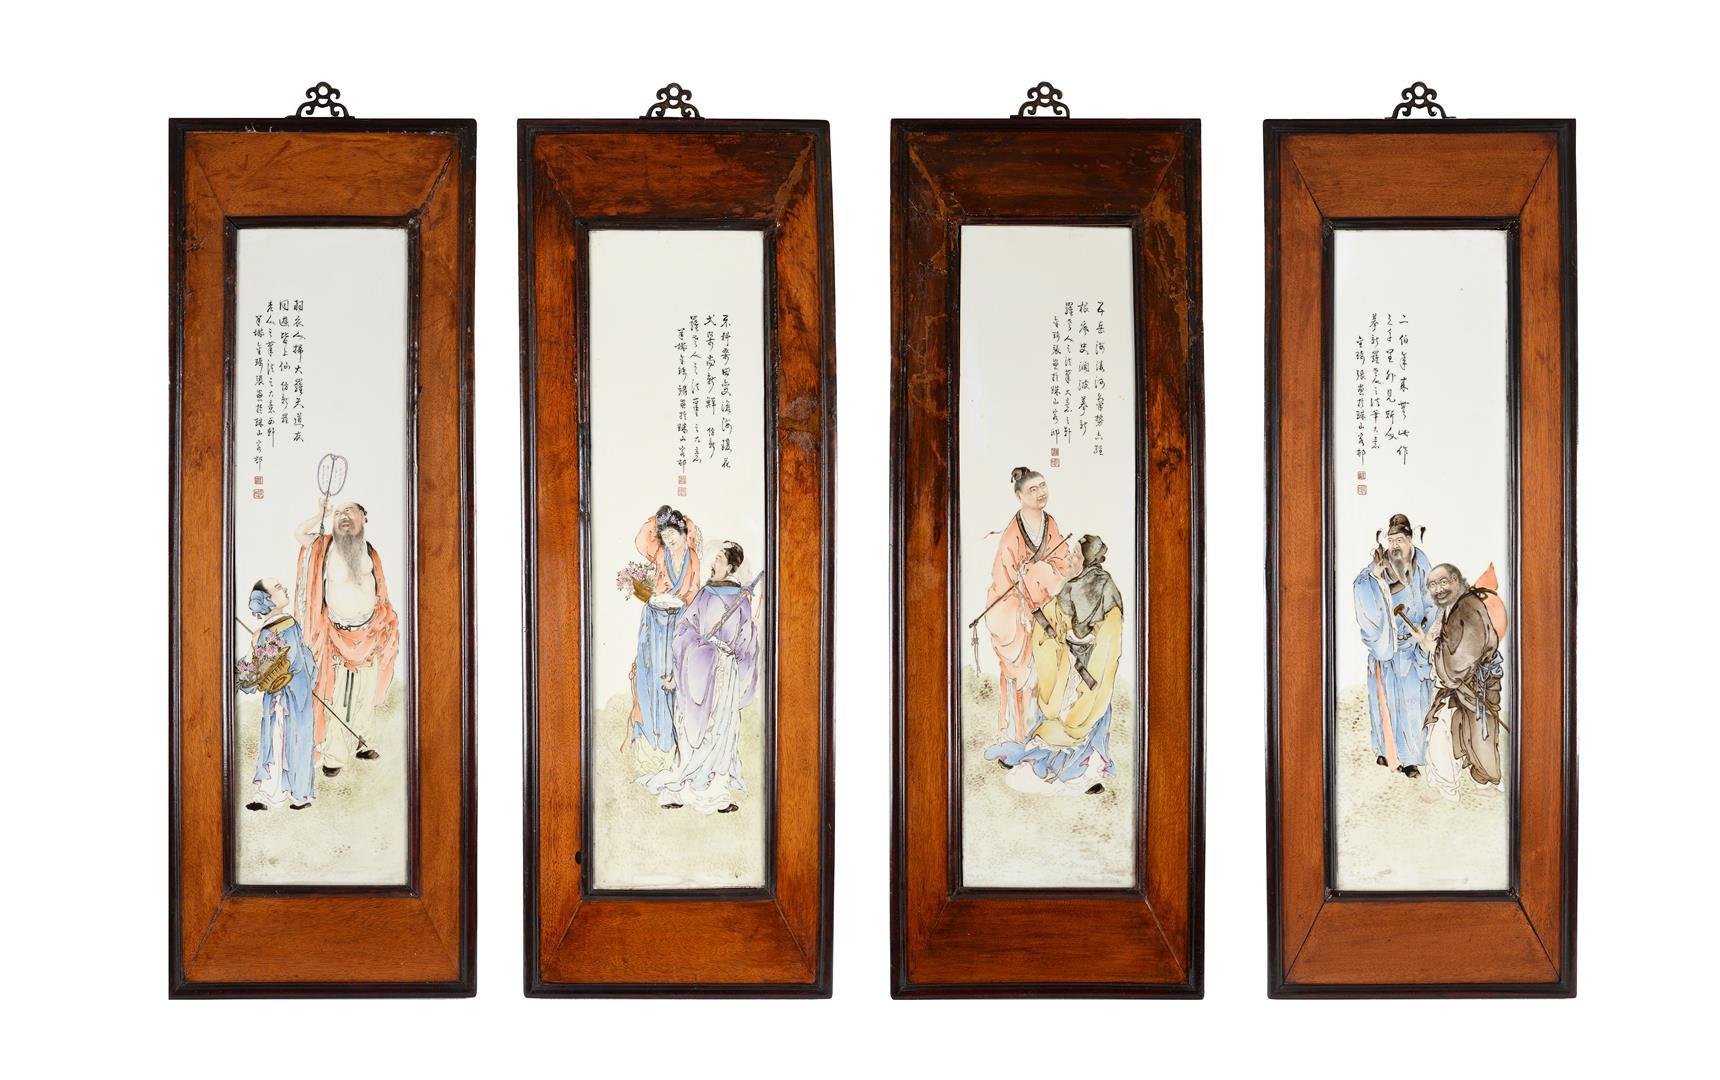 Vente Art asiatique chez Zeeuws Veilinghuis : 423 lots